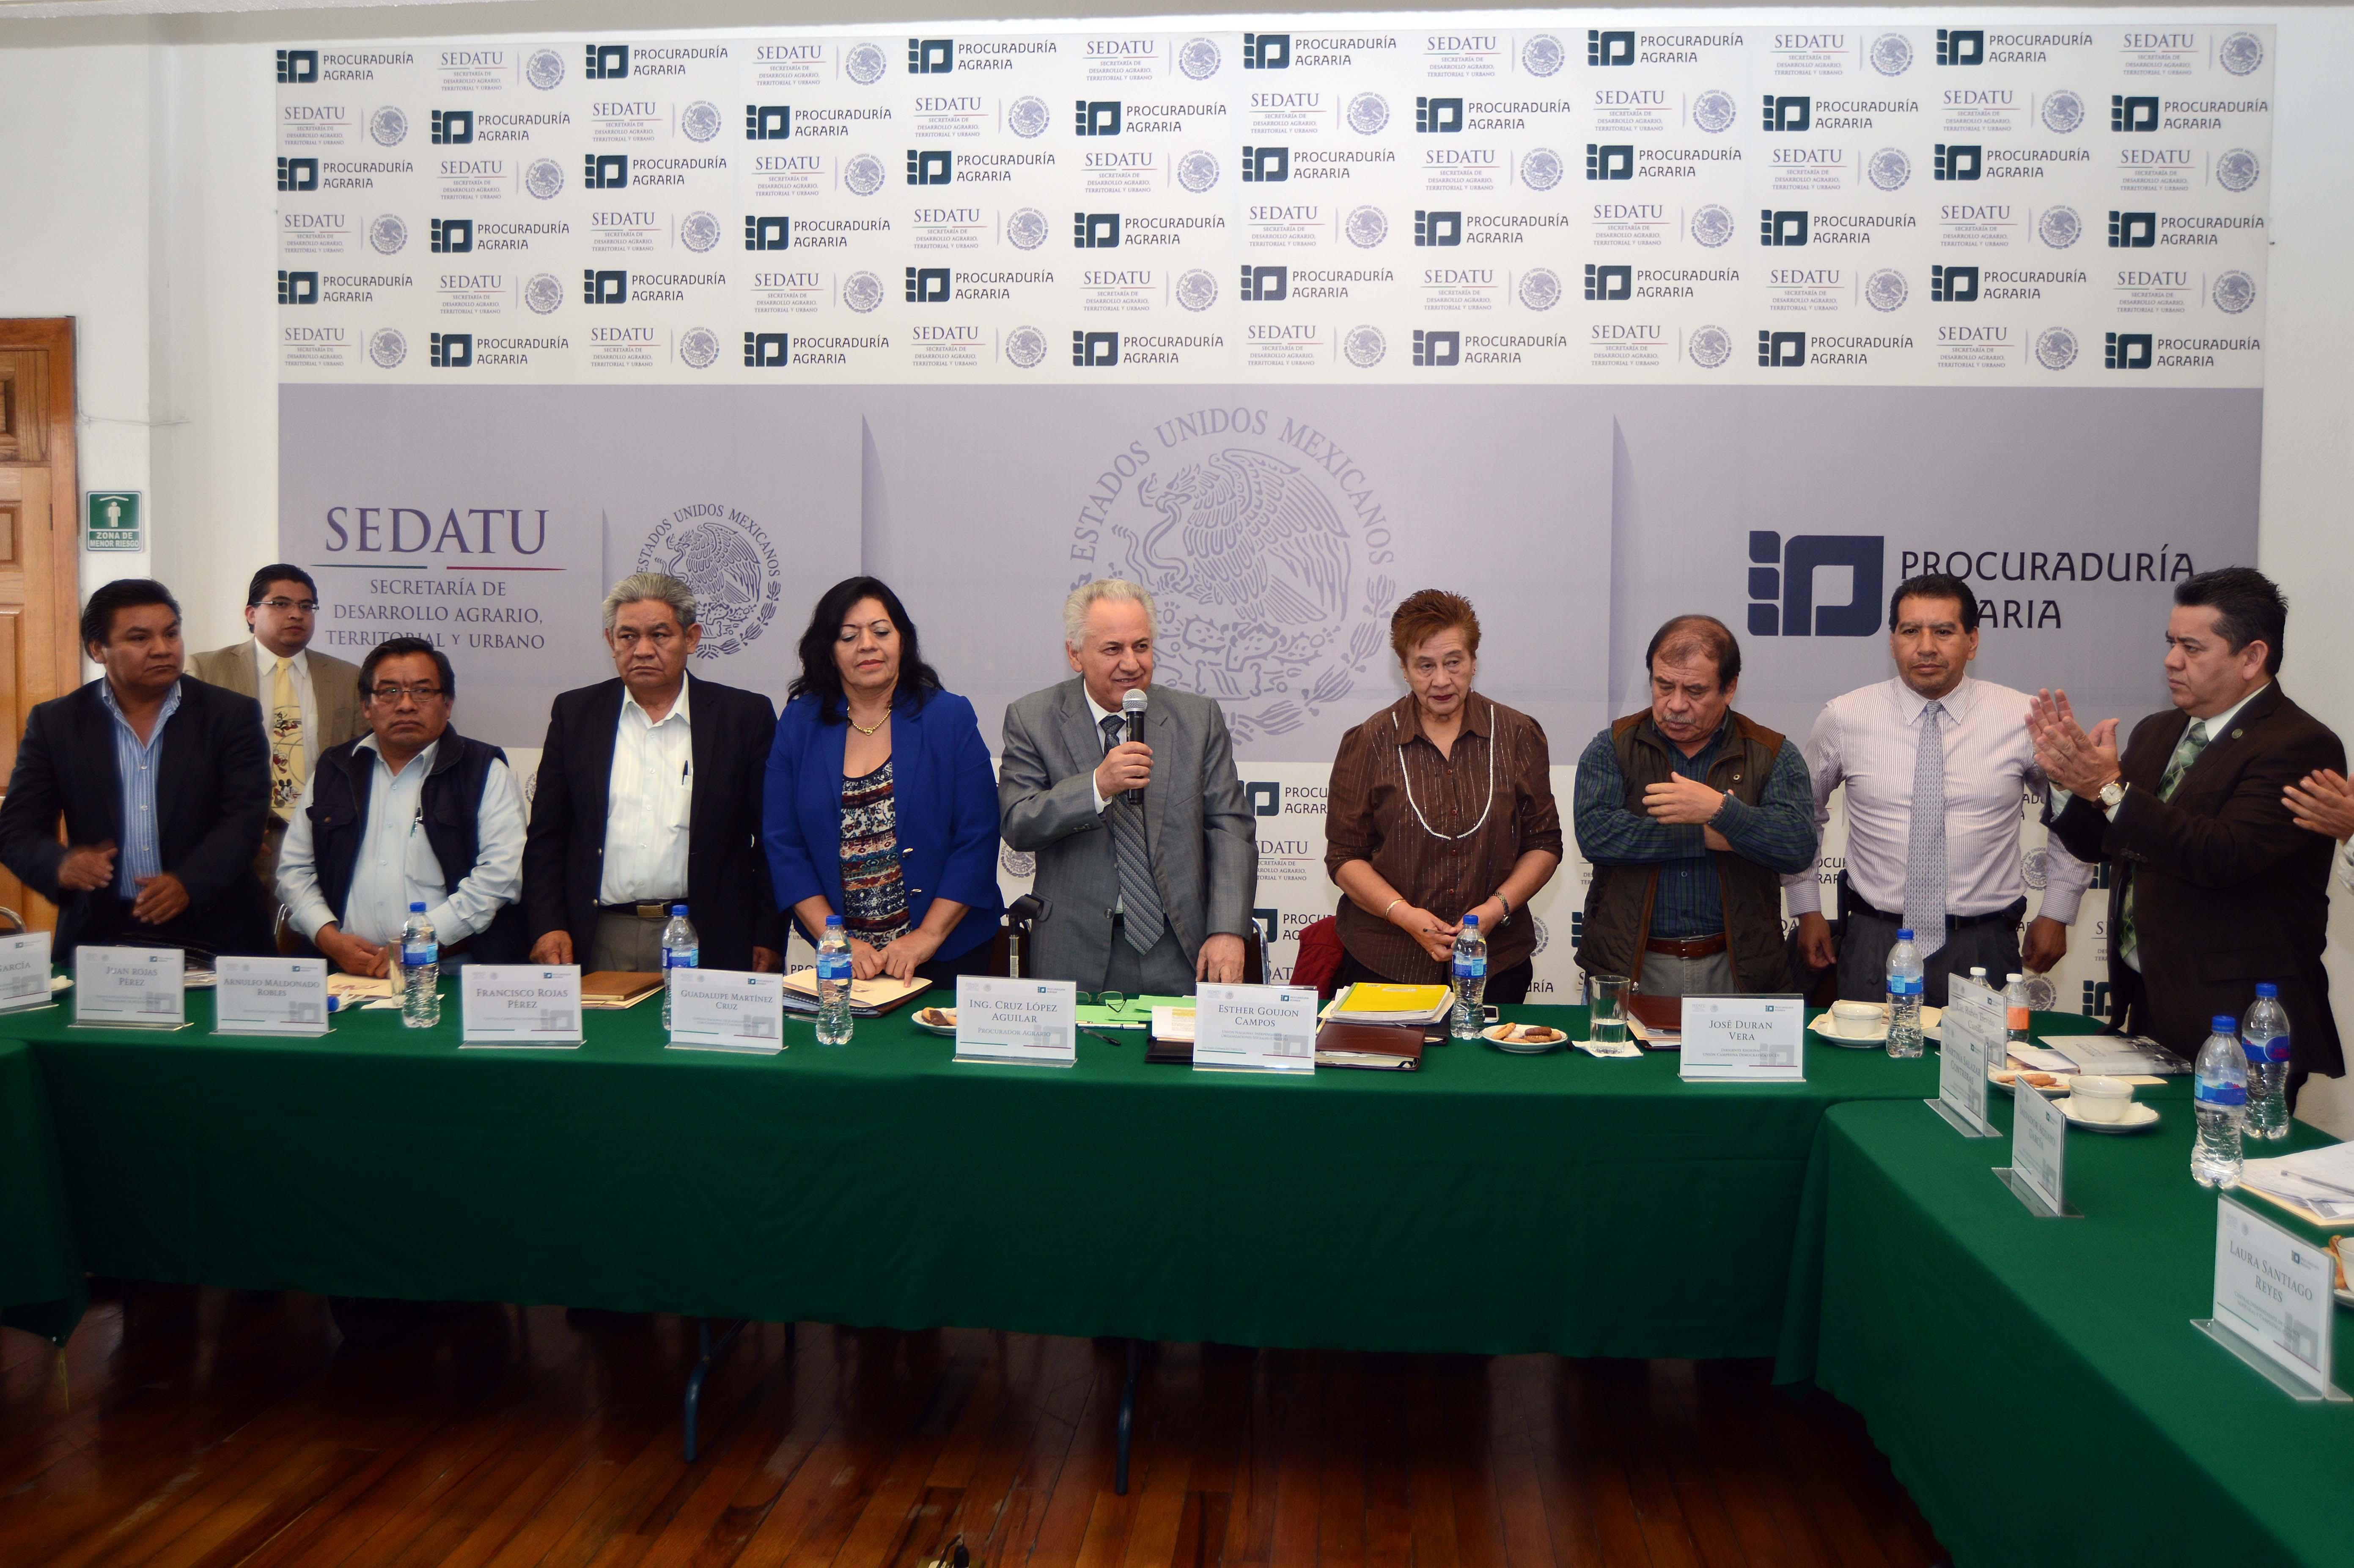 En la imagen, el Procurador Agrario, Cruz López Aguilar, junto con los dirigentes de diversas organizaciones campesinas durante la XVI Reunión Ordinaria del Comité Permanente de Control y Seguimiento (COPECOSE).